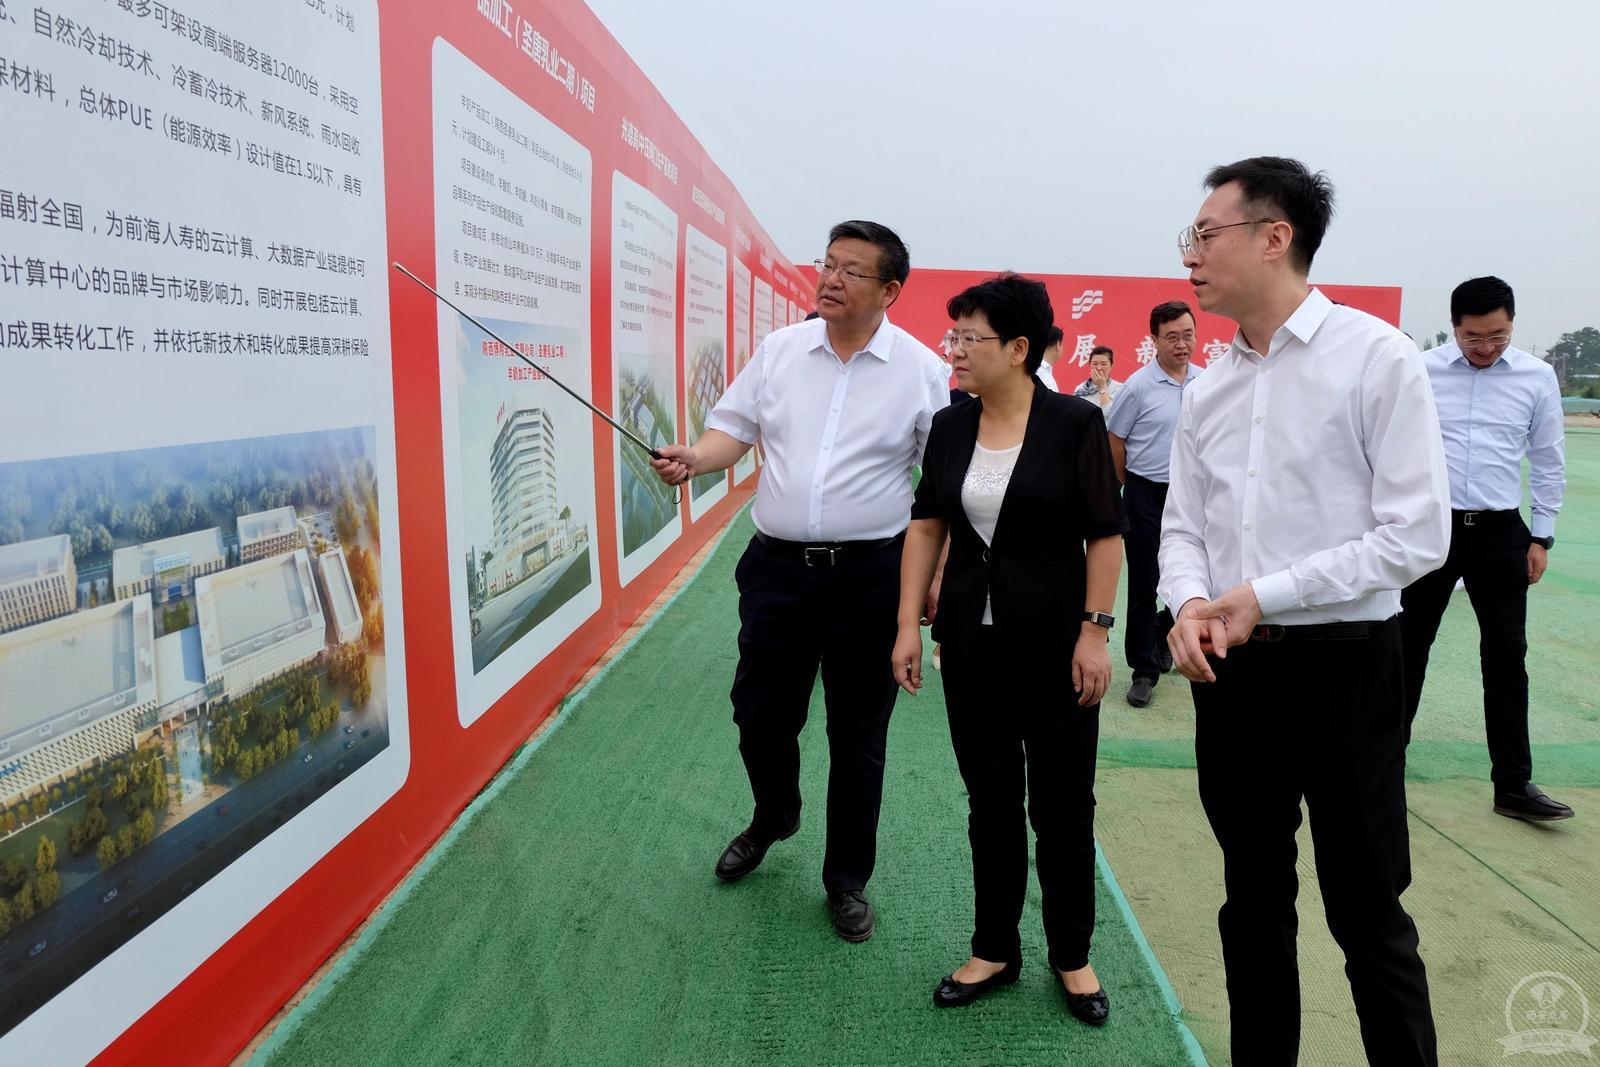 14个项目总投资31.8亿元 涵盖三大领域 富阎新区2020年第二批重点项目集中开工